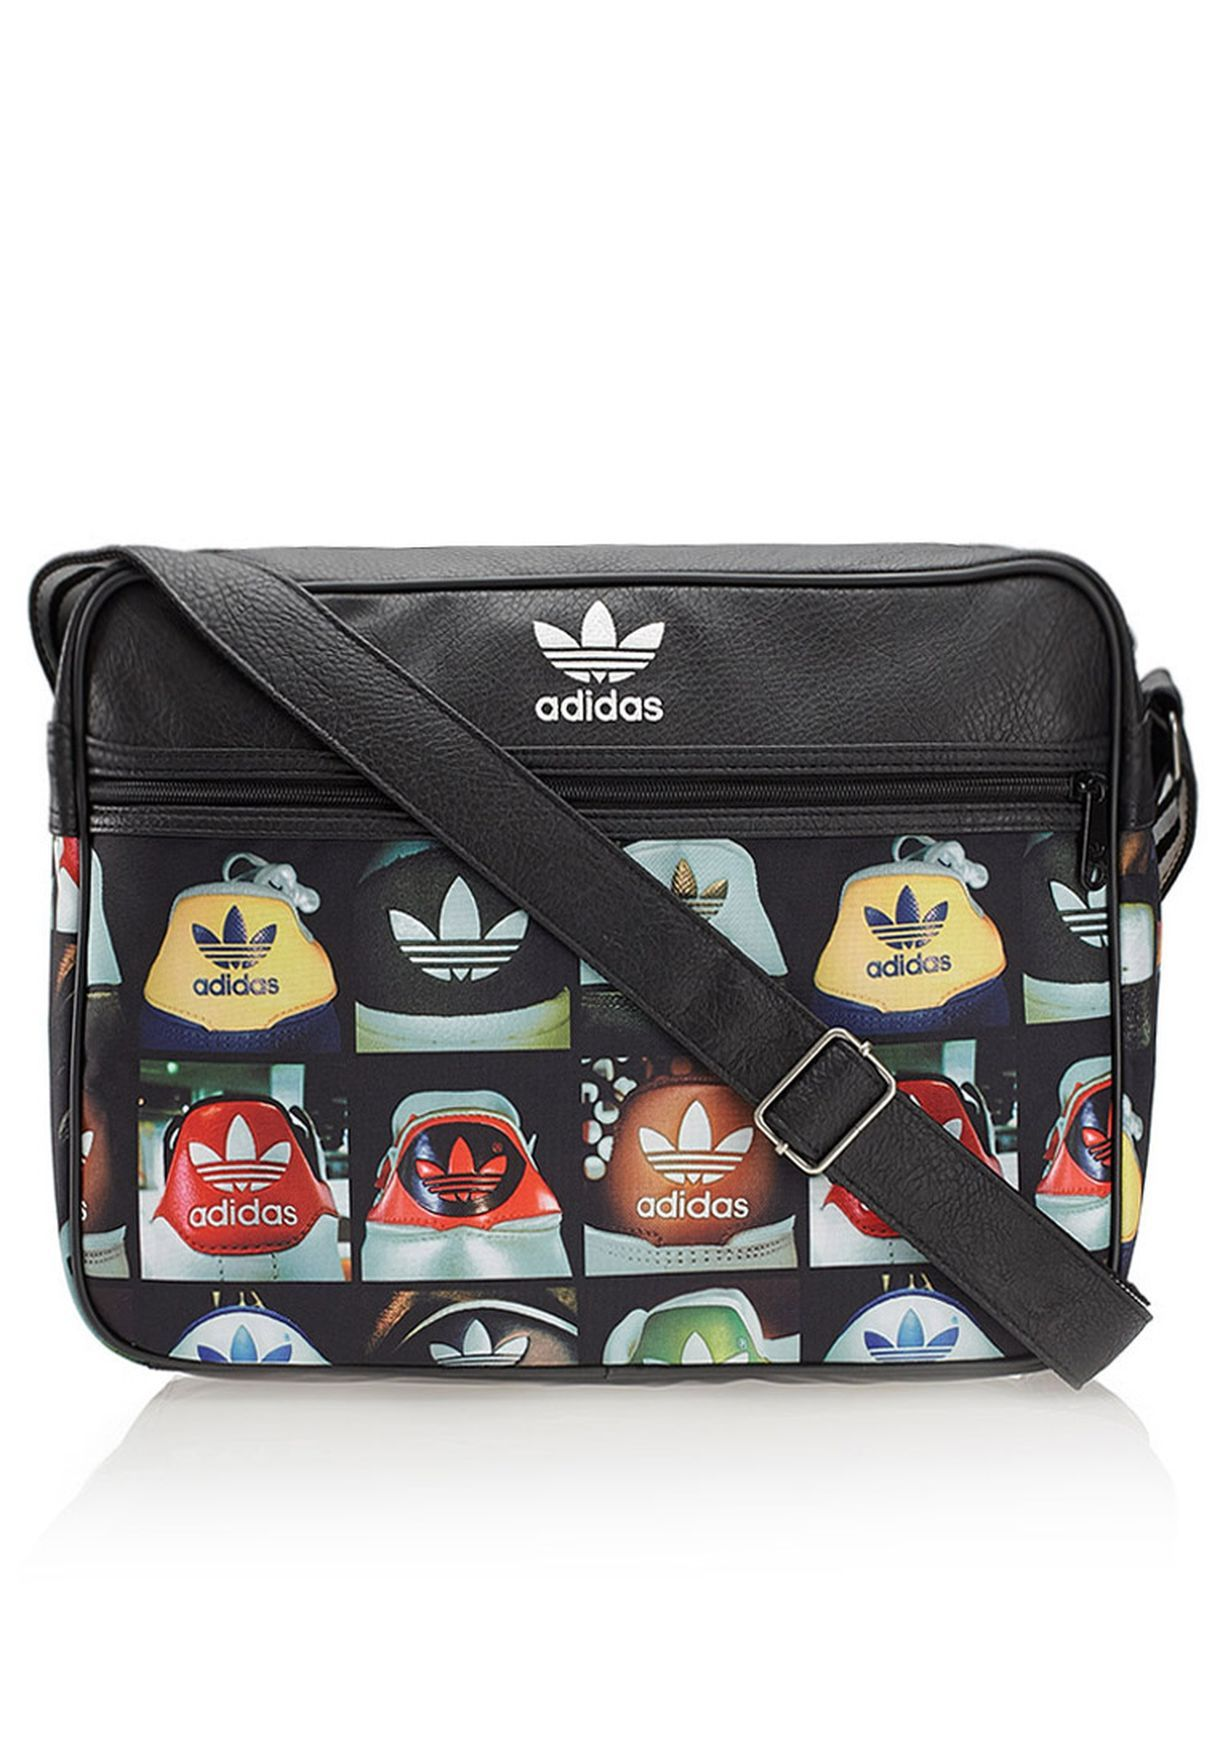 تسوق حقيبة بحزام كتف طويل ماركة اديداس اوريجينالز لون أسود في الرياض وجدة F79342 Carryall Handbag Accessories Lesportsac